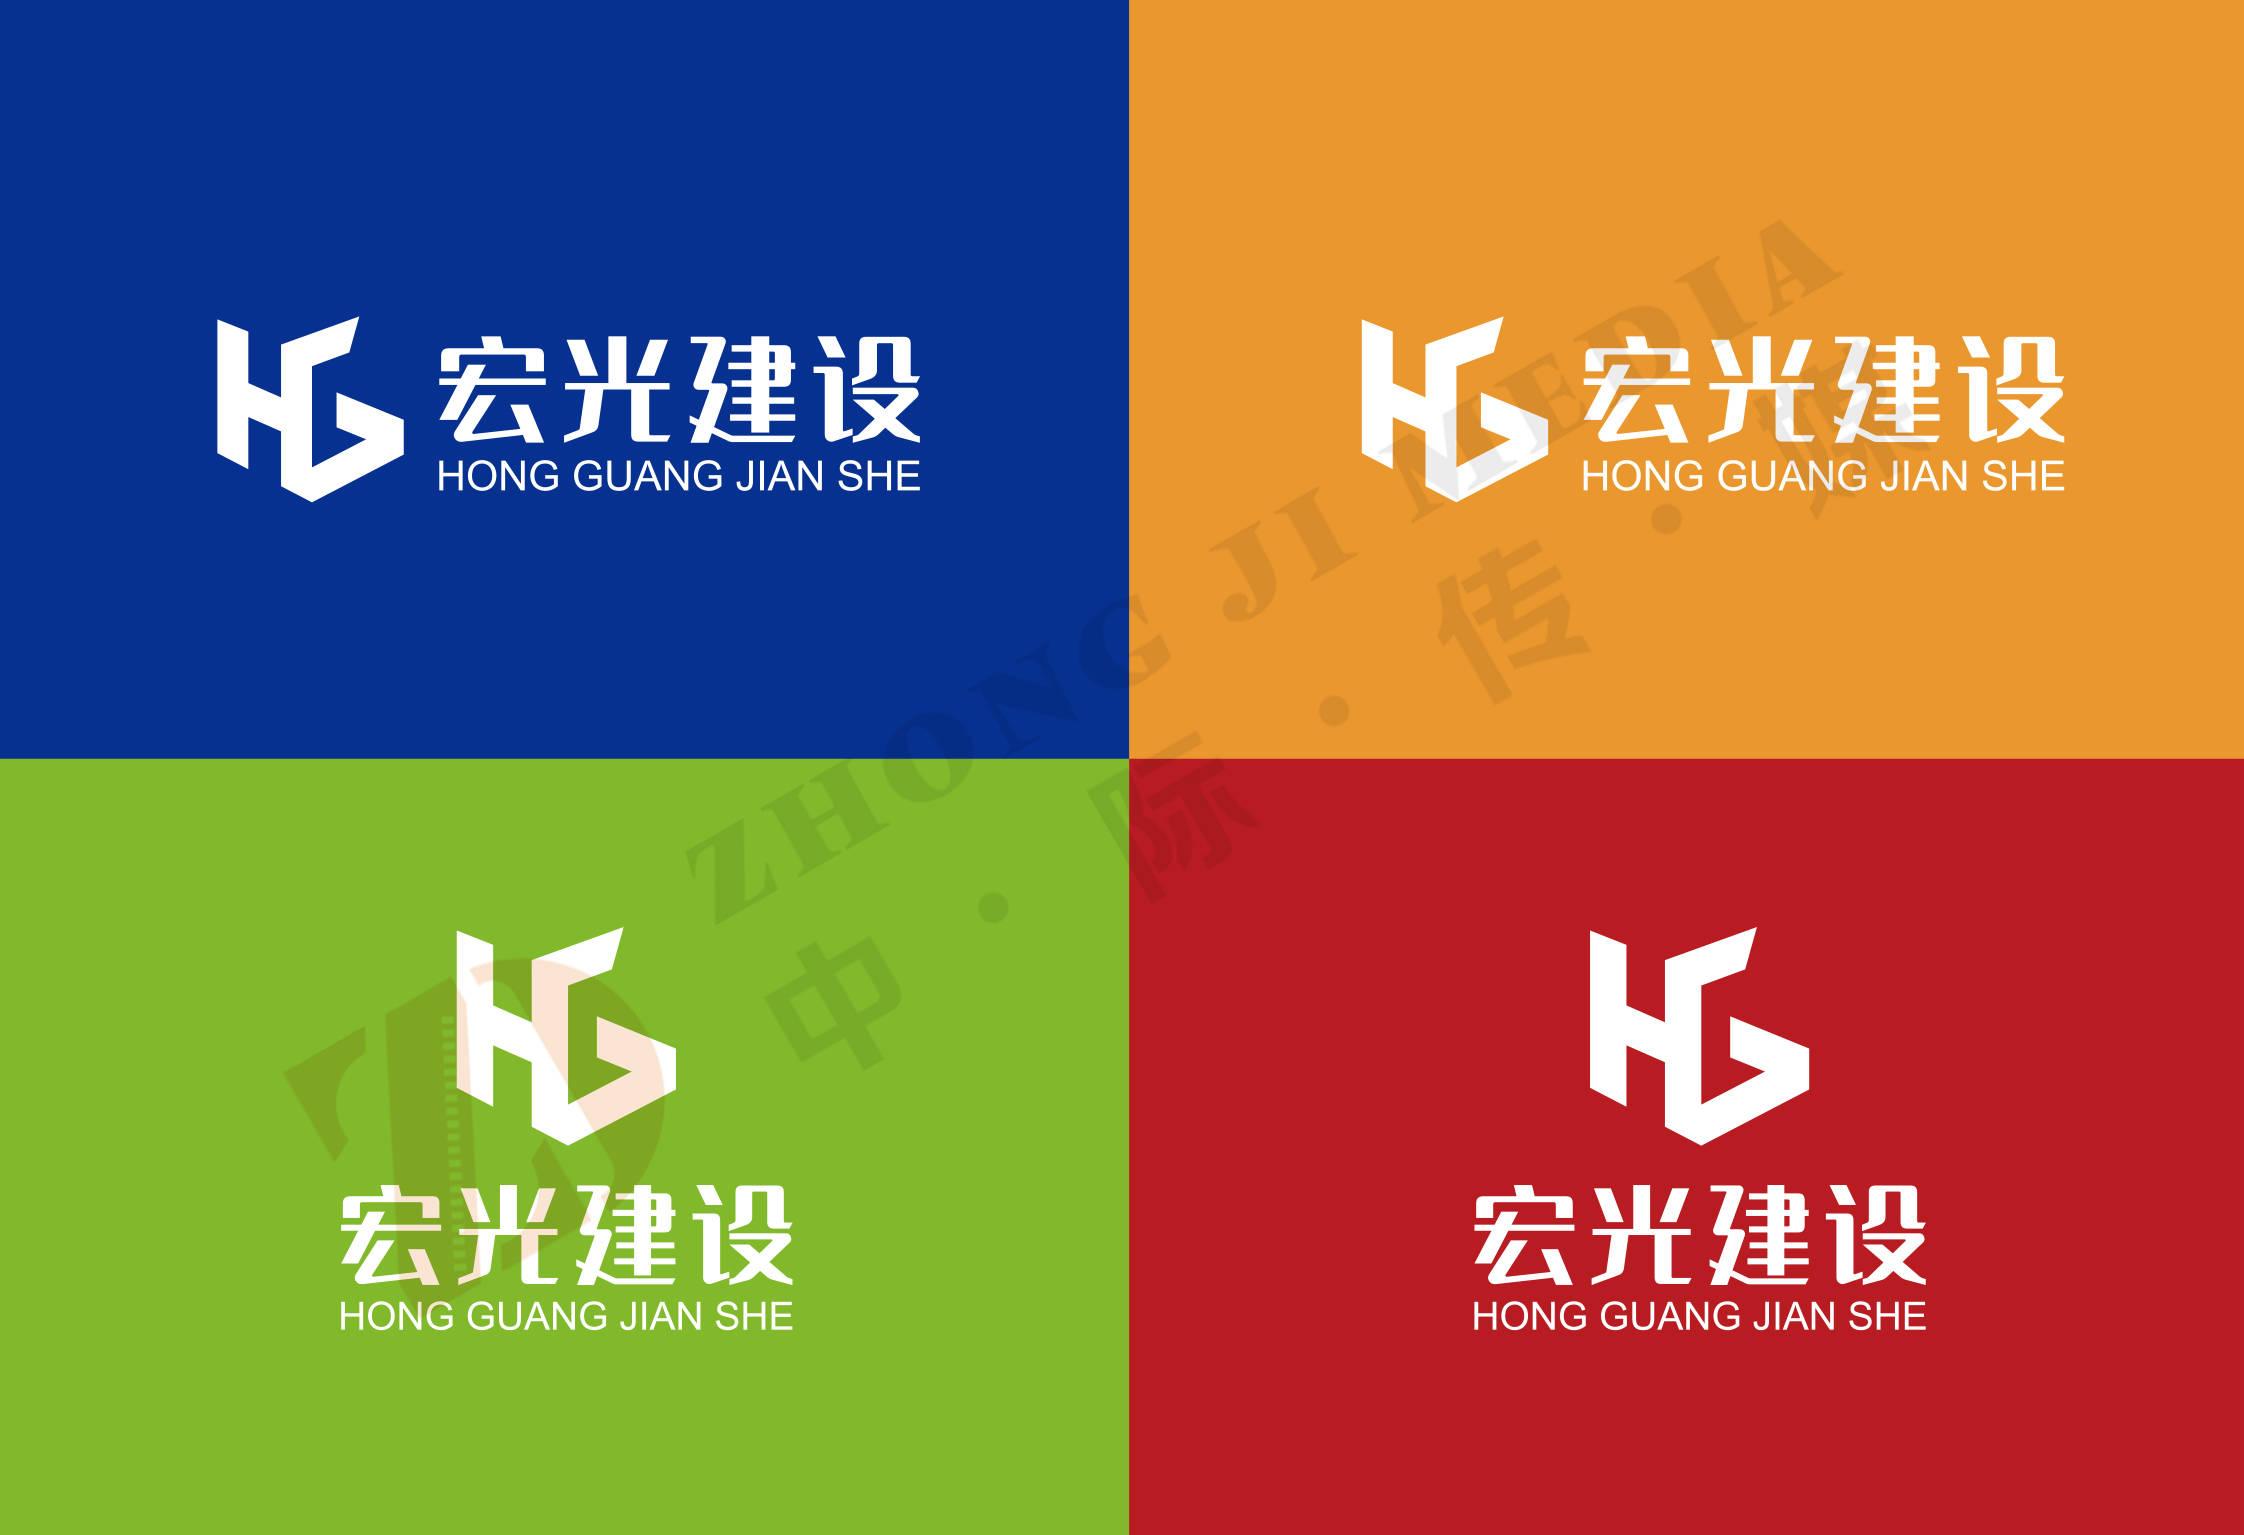 宏光建设徽标设计 五菱宏光集团建设片